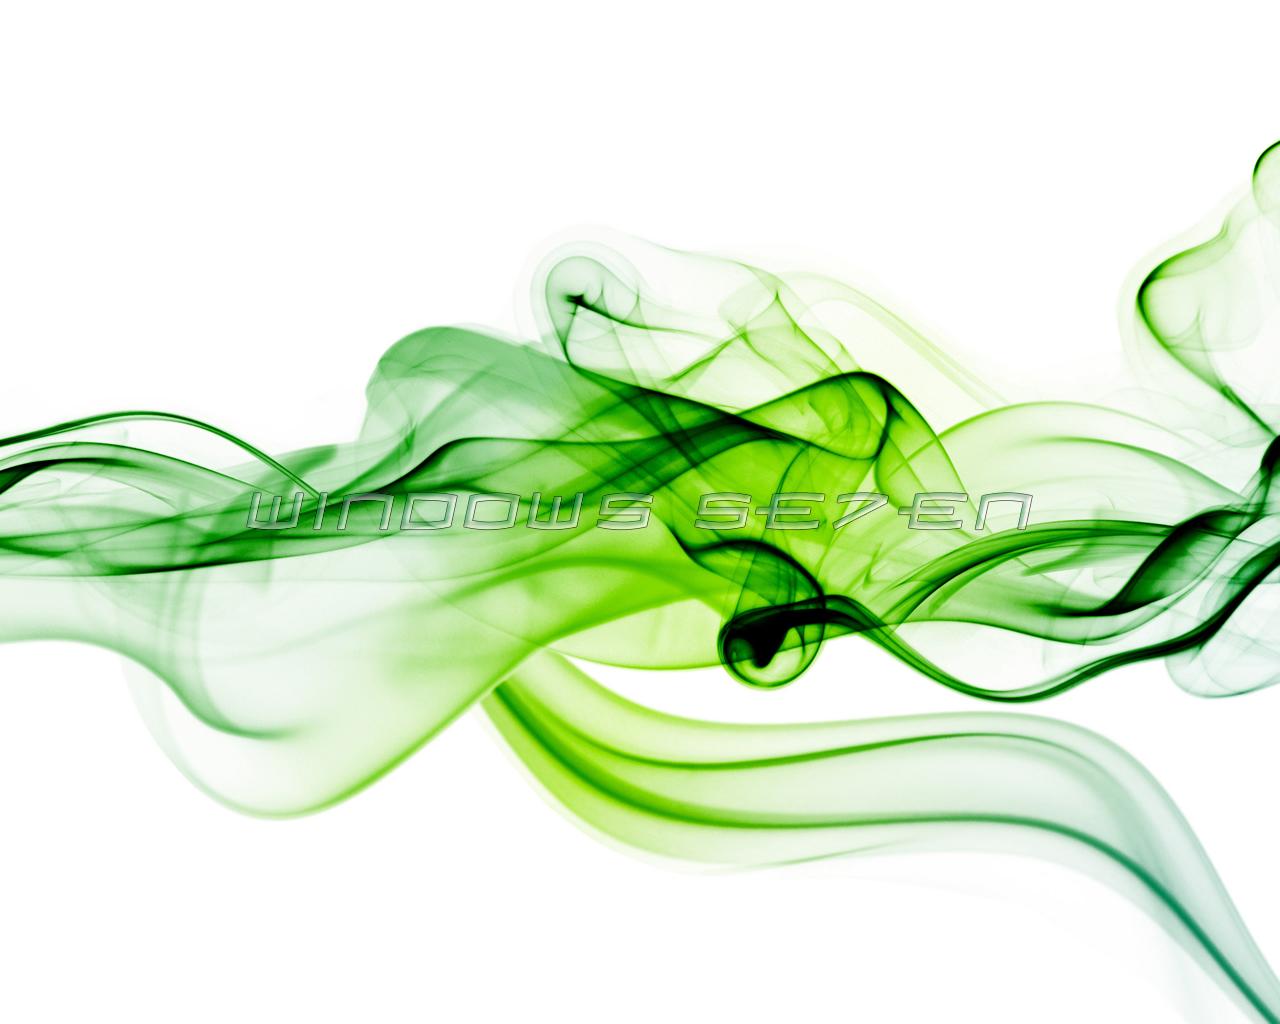 Imagenes Hilandy: Fondo De Pantalla Windows Seven Humo Verde